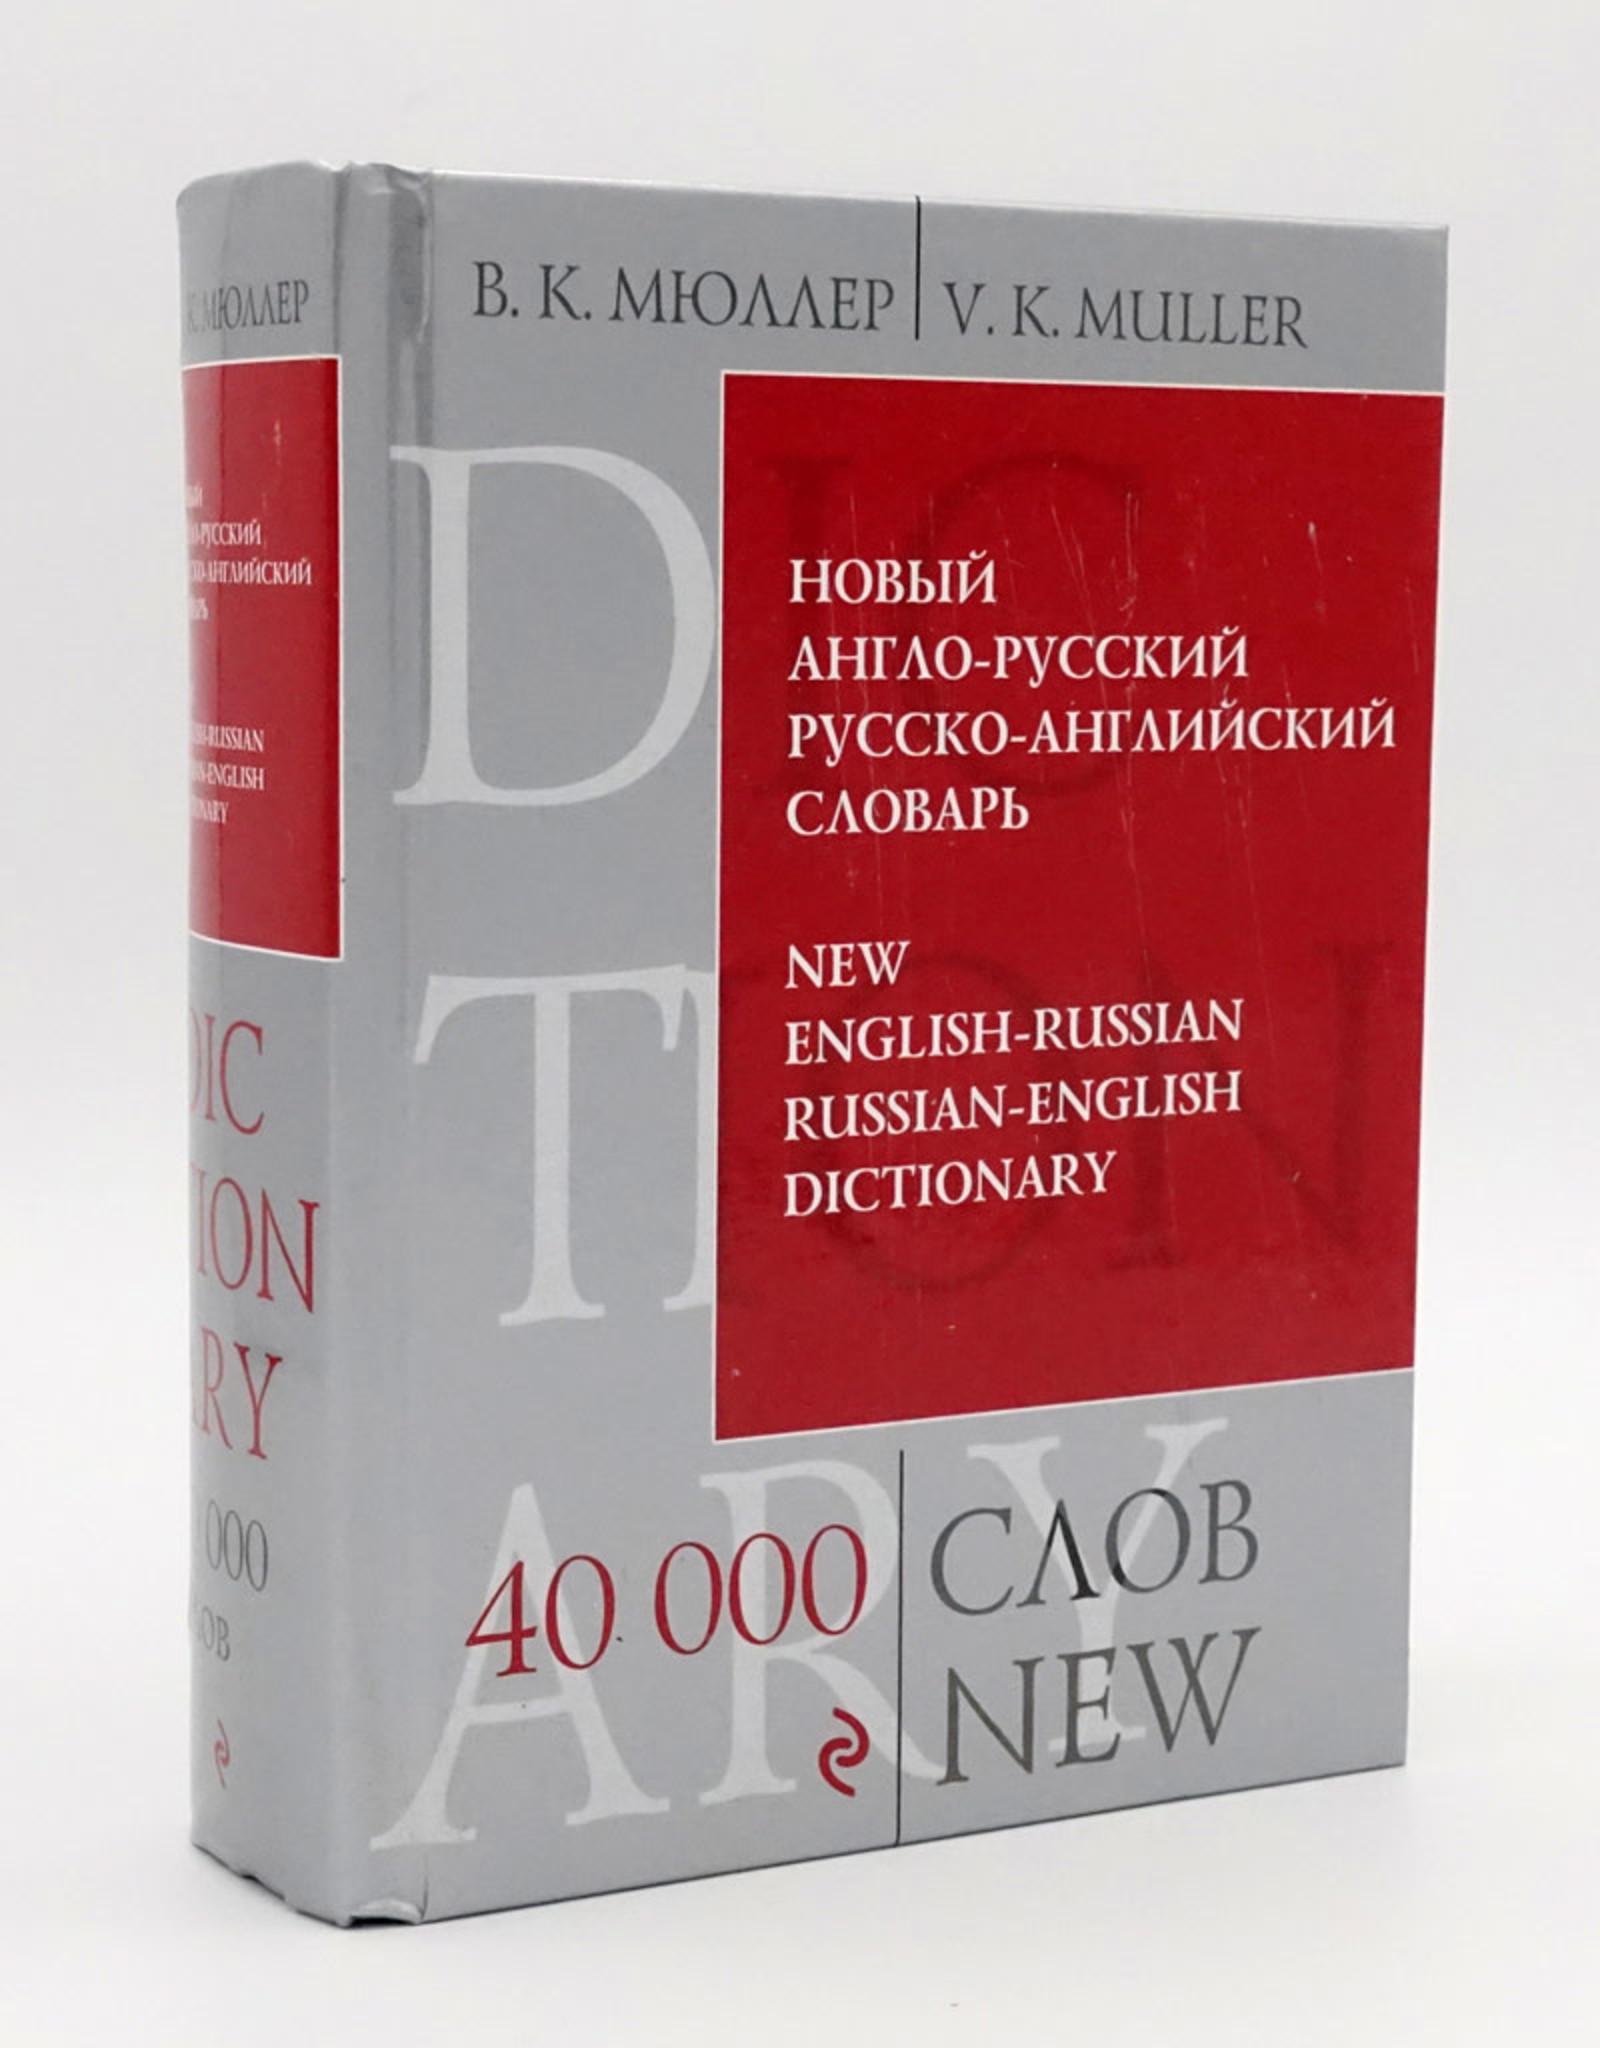 Англо-Русский, Русский-Английский Словарь 40,000 слов